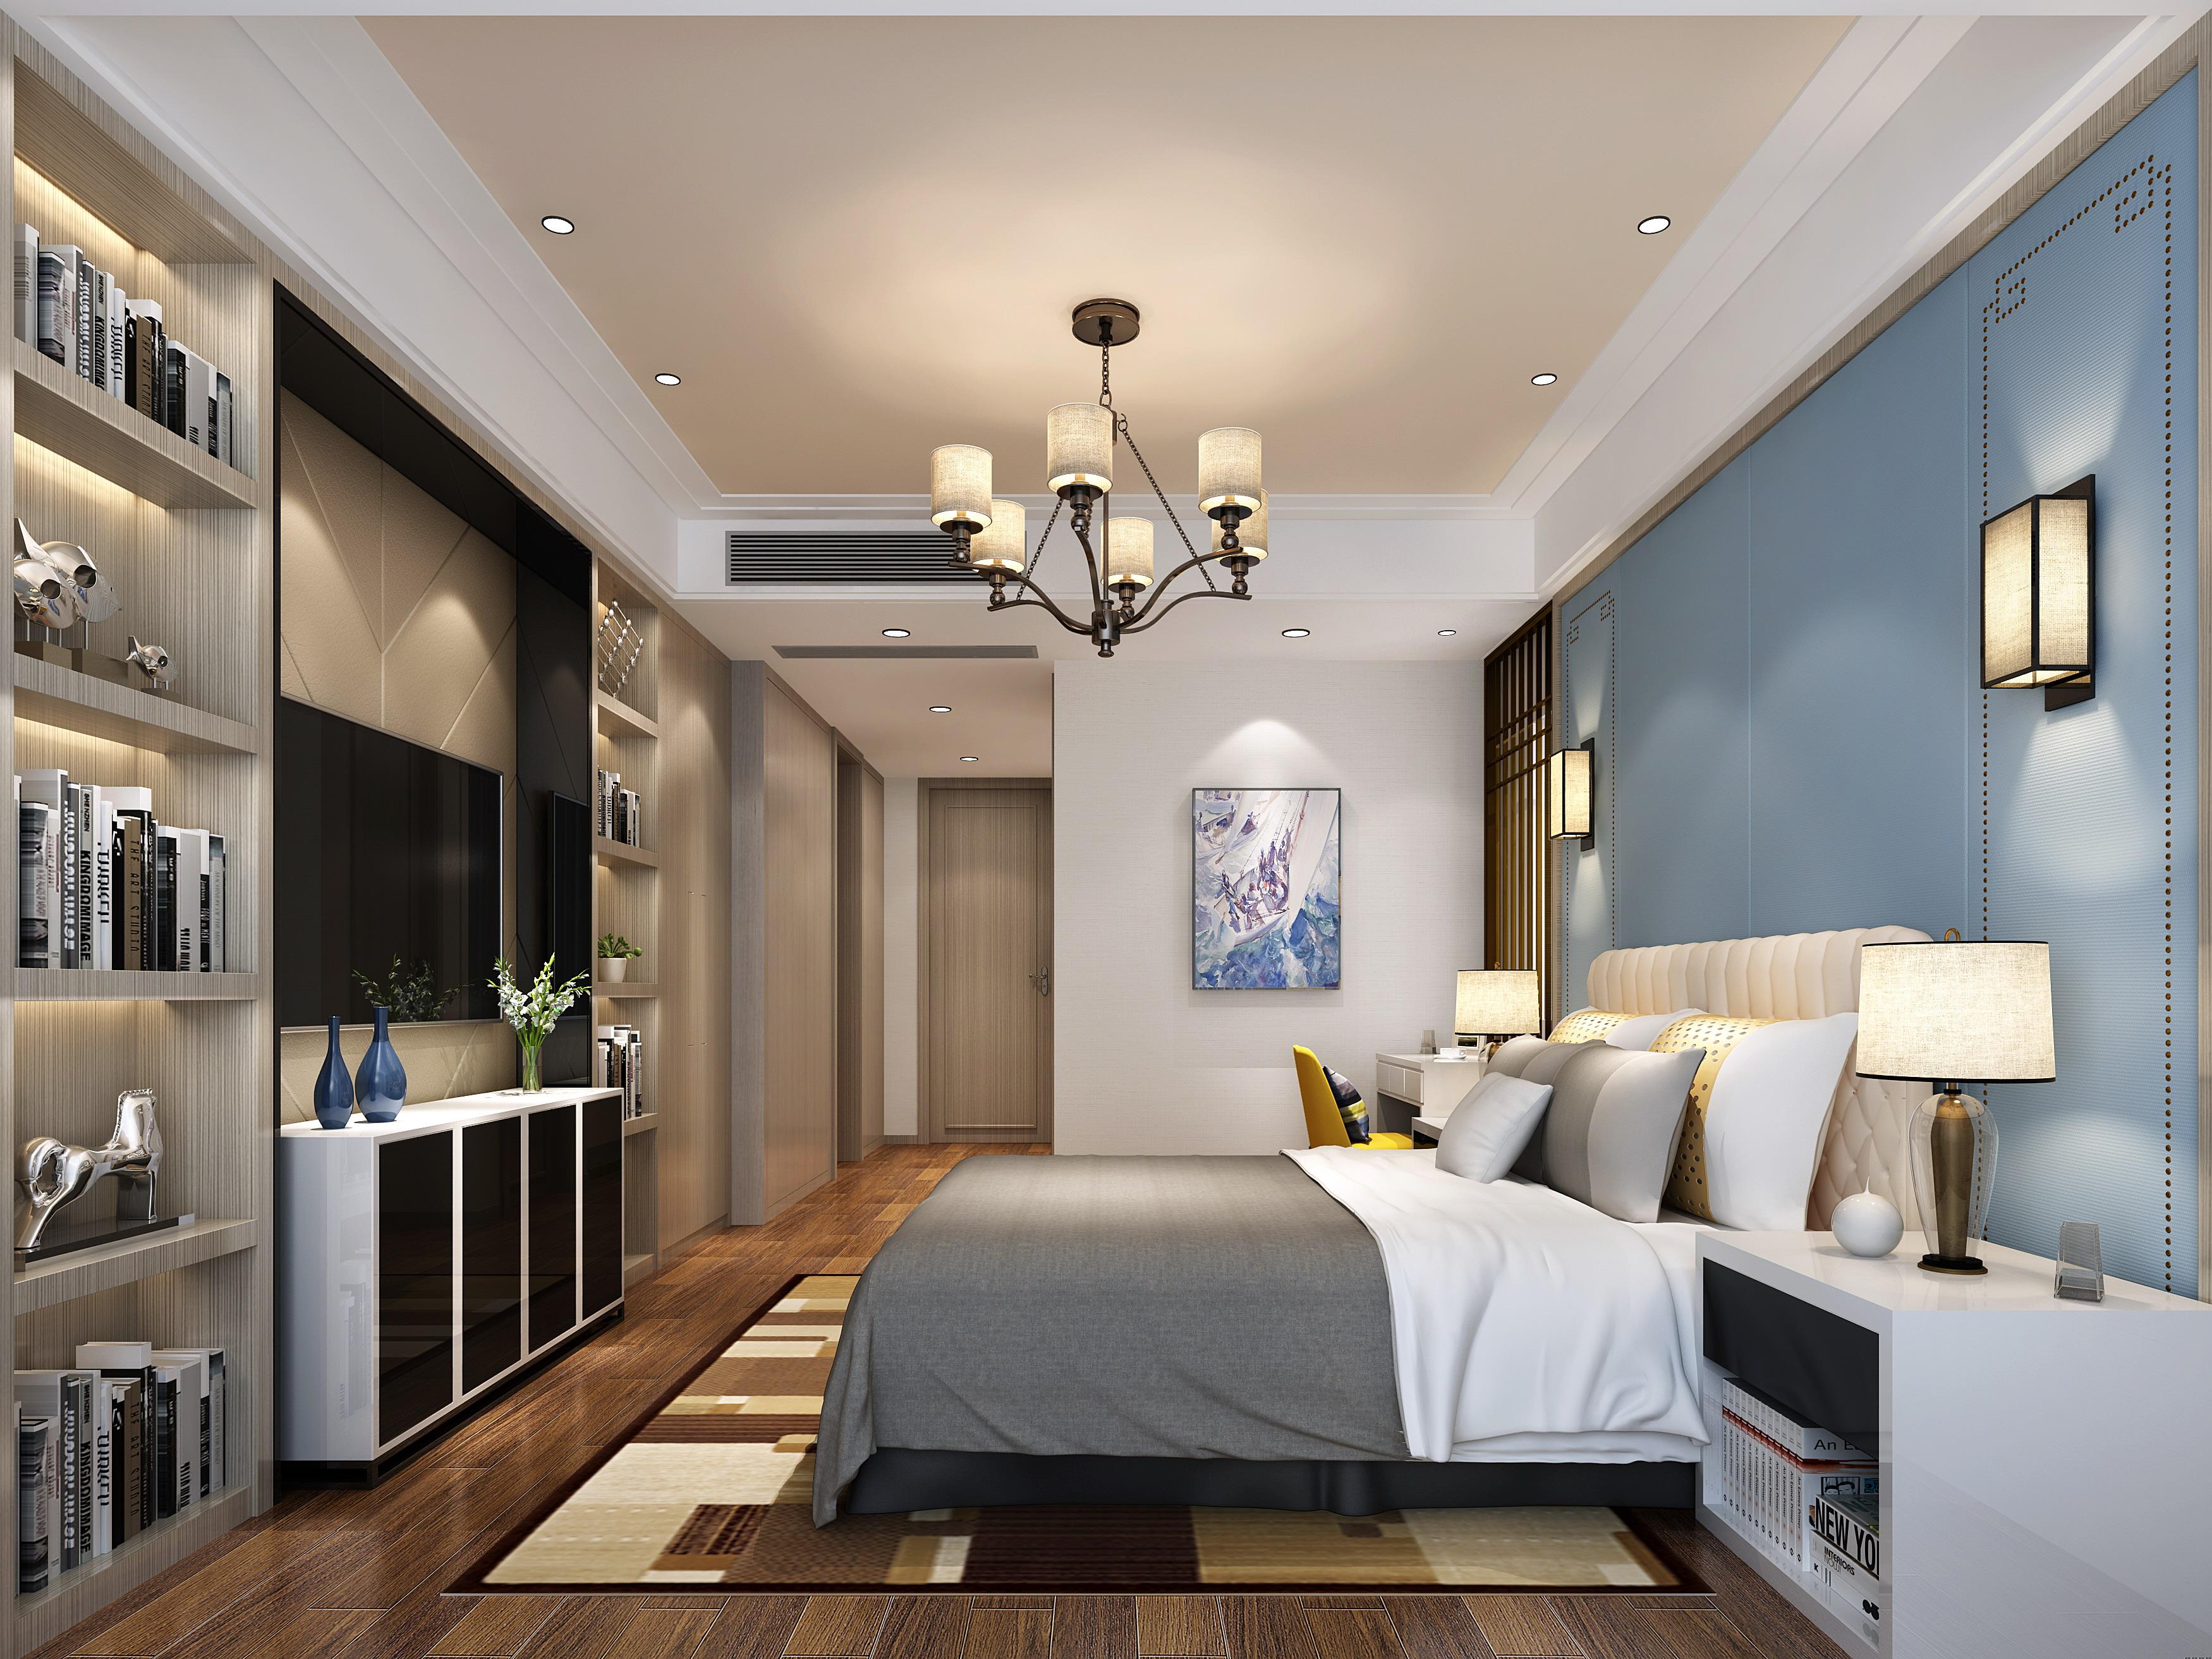 简约 小资 卧室图片来自敏空间在绍兴浦阳江一号公寓的分享